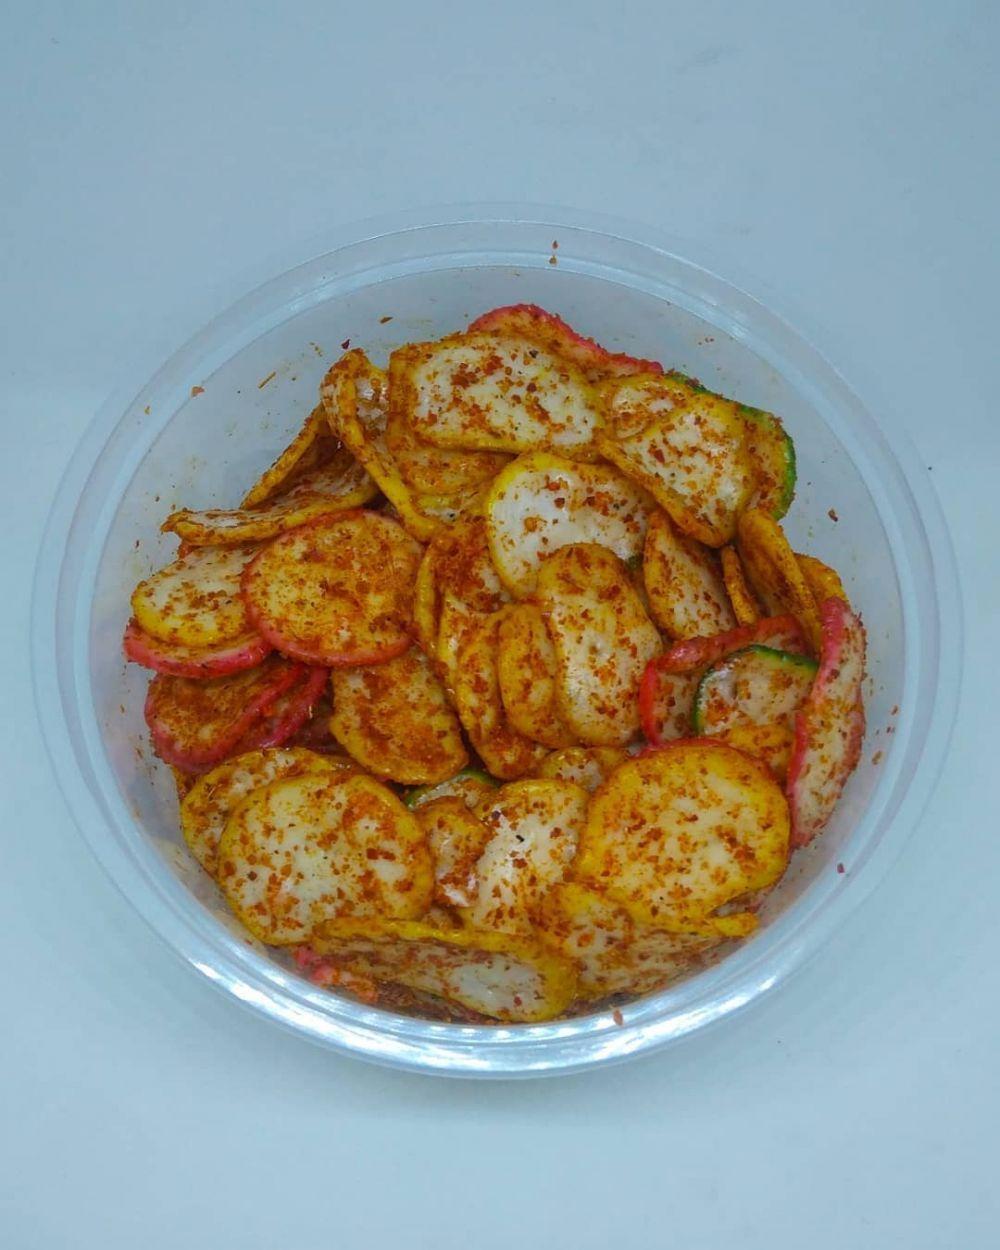 20 Resep Makanan Untuk Dijual Murah Enak Dan Simpel Berbagai Sumber Resep Makanan Makanan Makanan Ringan Sehat